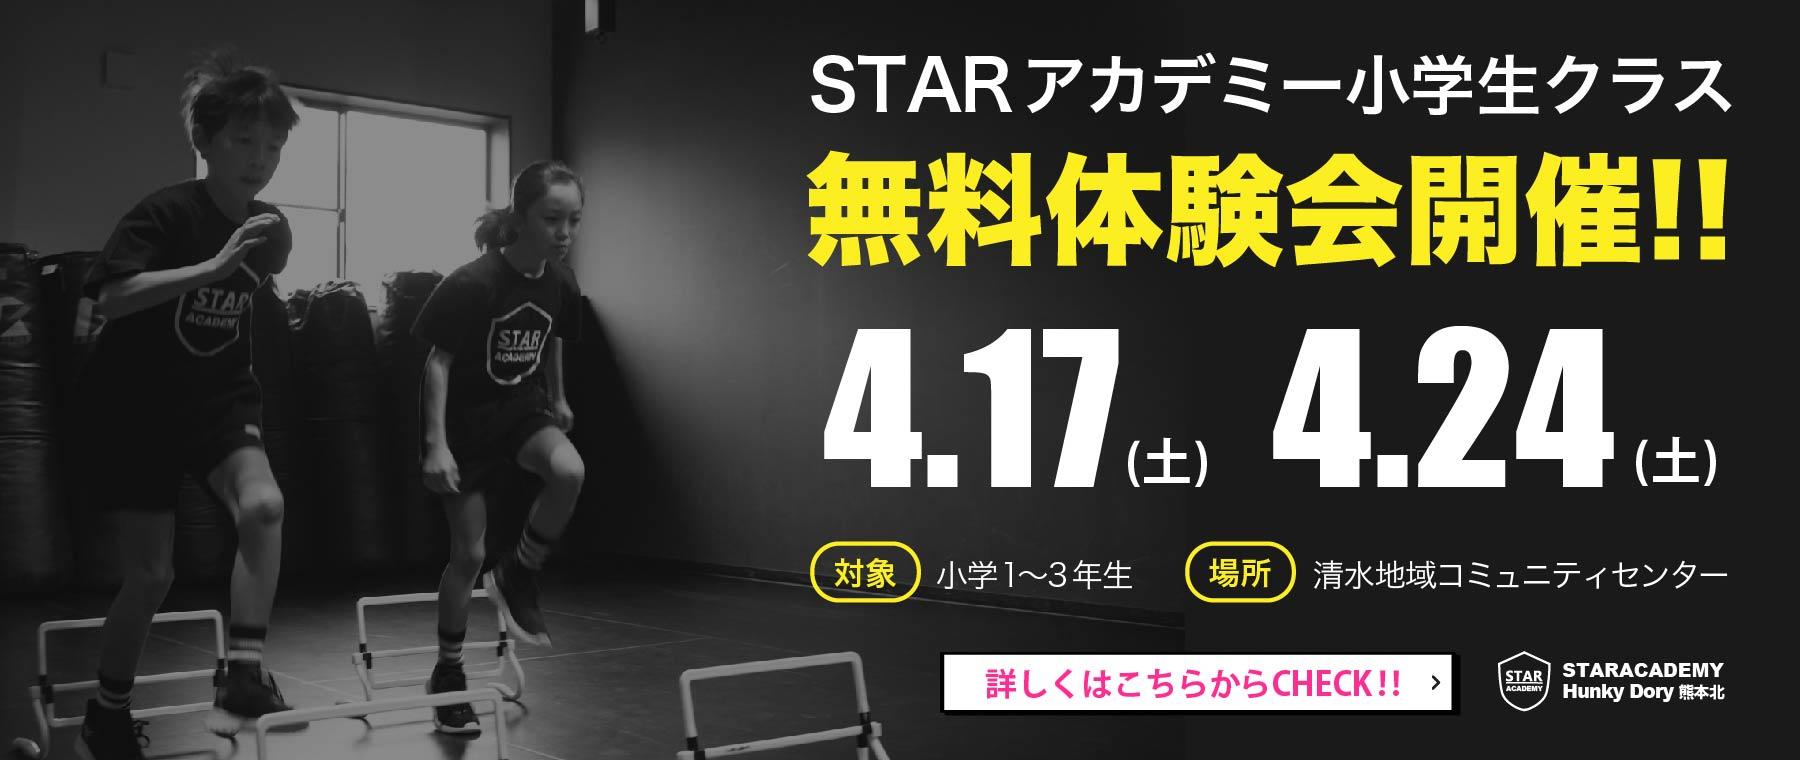 第二回!STARアカデミー小学生無料体験会!